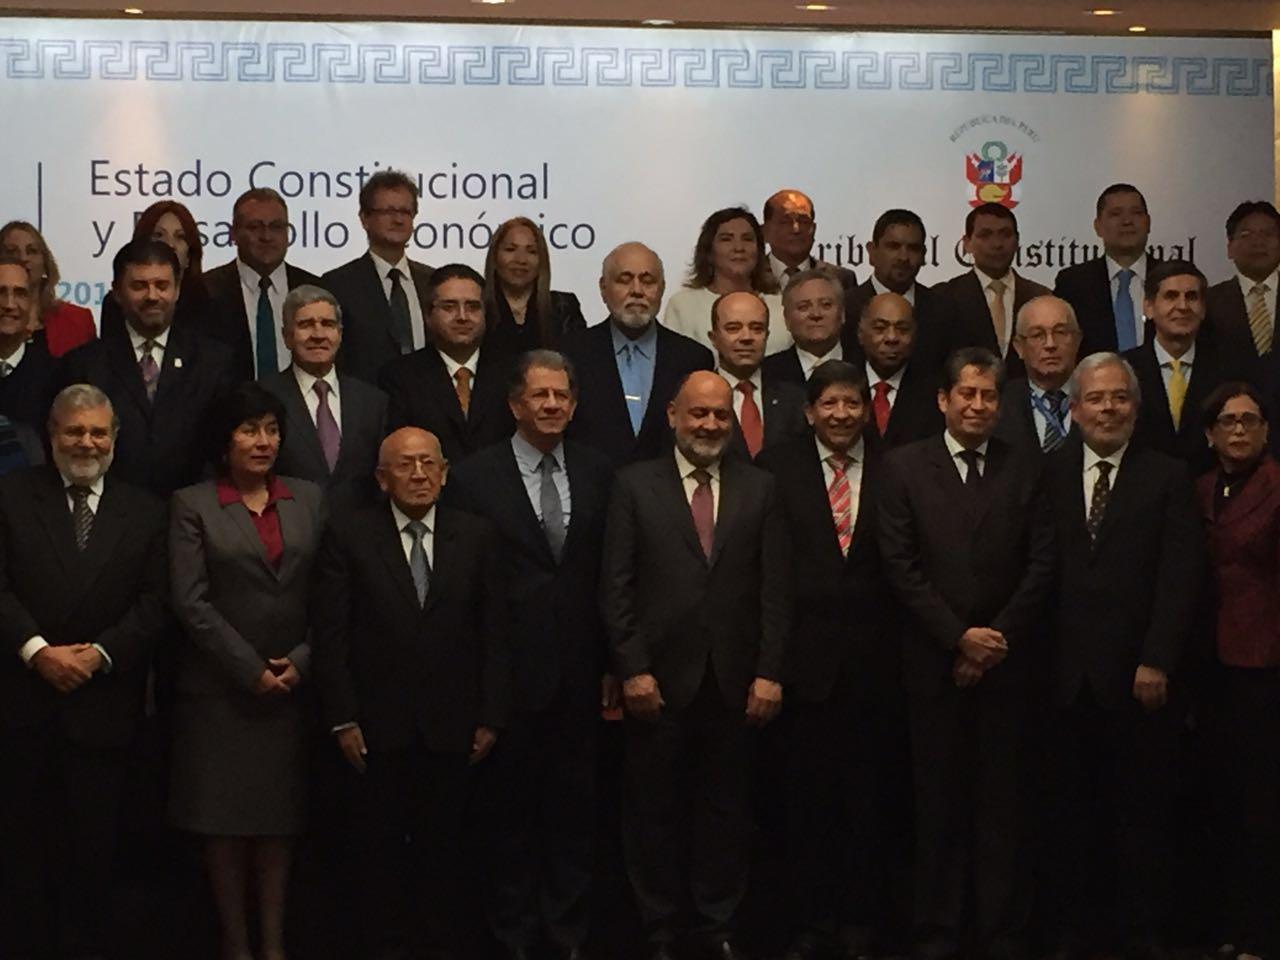 Presidente y Ministro participan en la XI Conferencia Iberoamericana de Justicia Constitucional